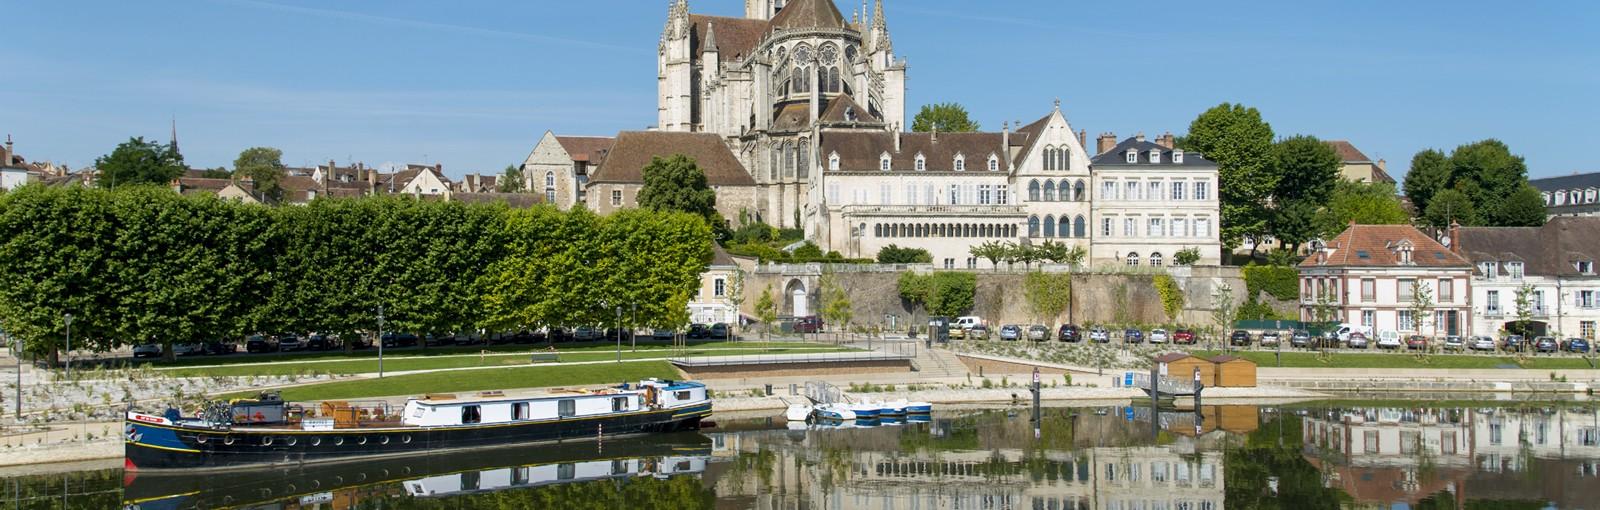 Tours Gran Tour del Yonne - Días completos - Excursiones desde París